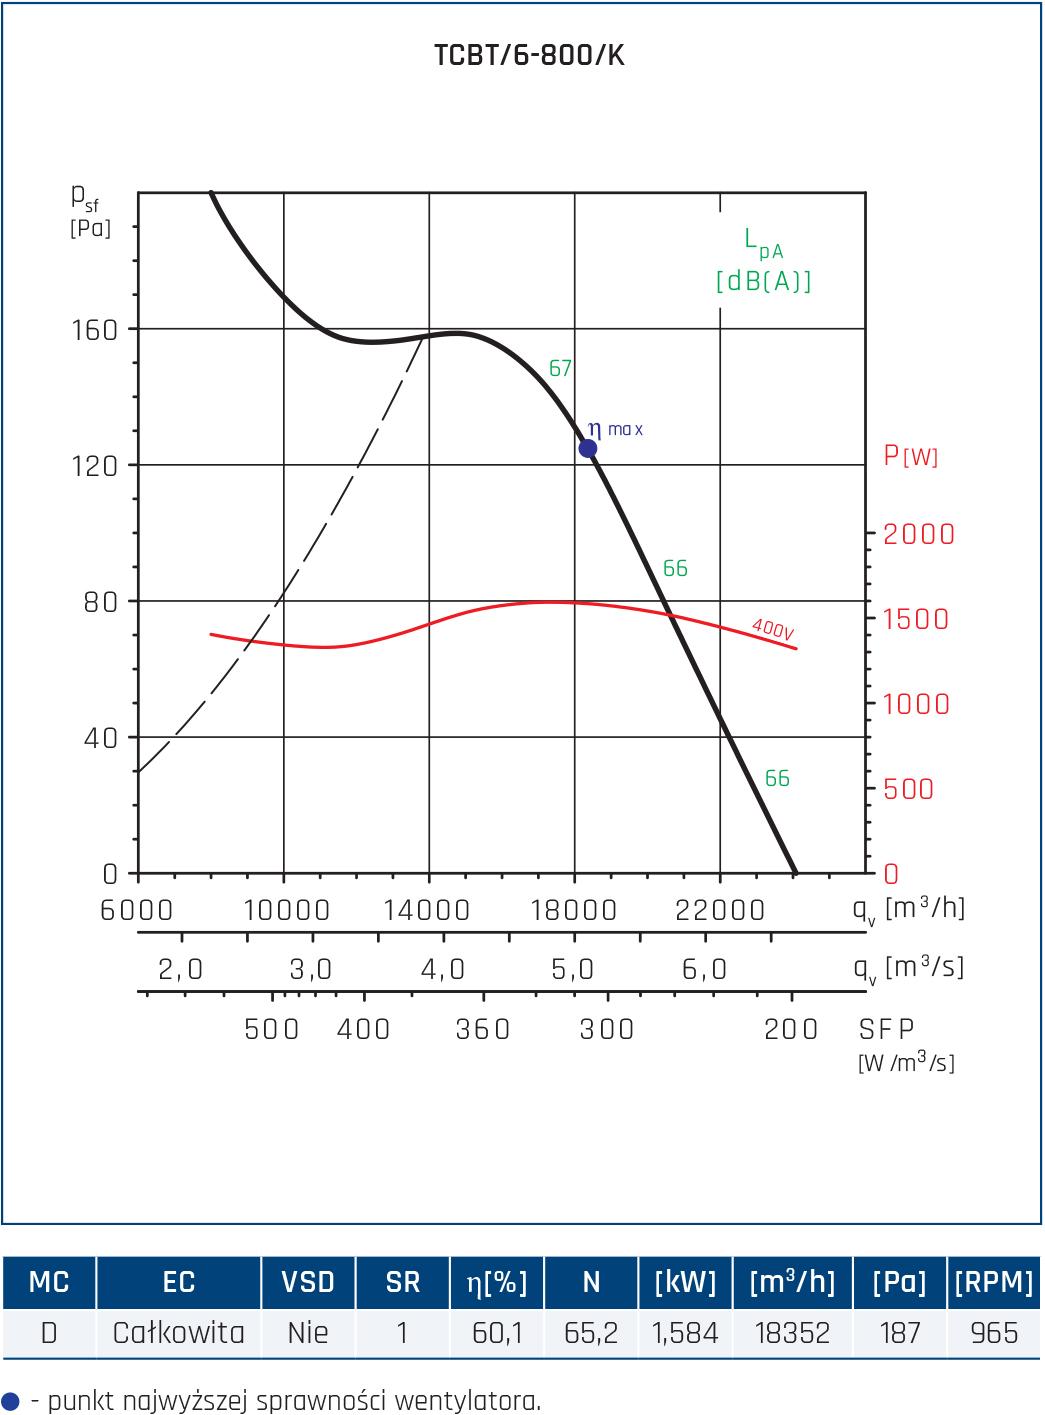 Wentylator Compact TCBB/TCBT 92